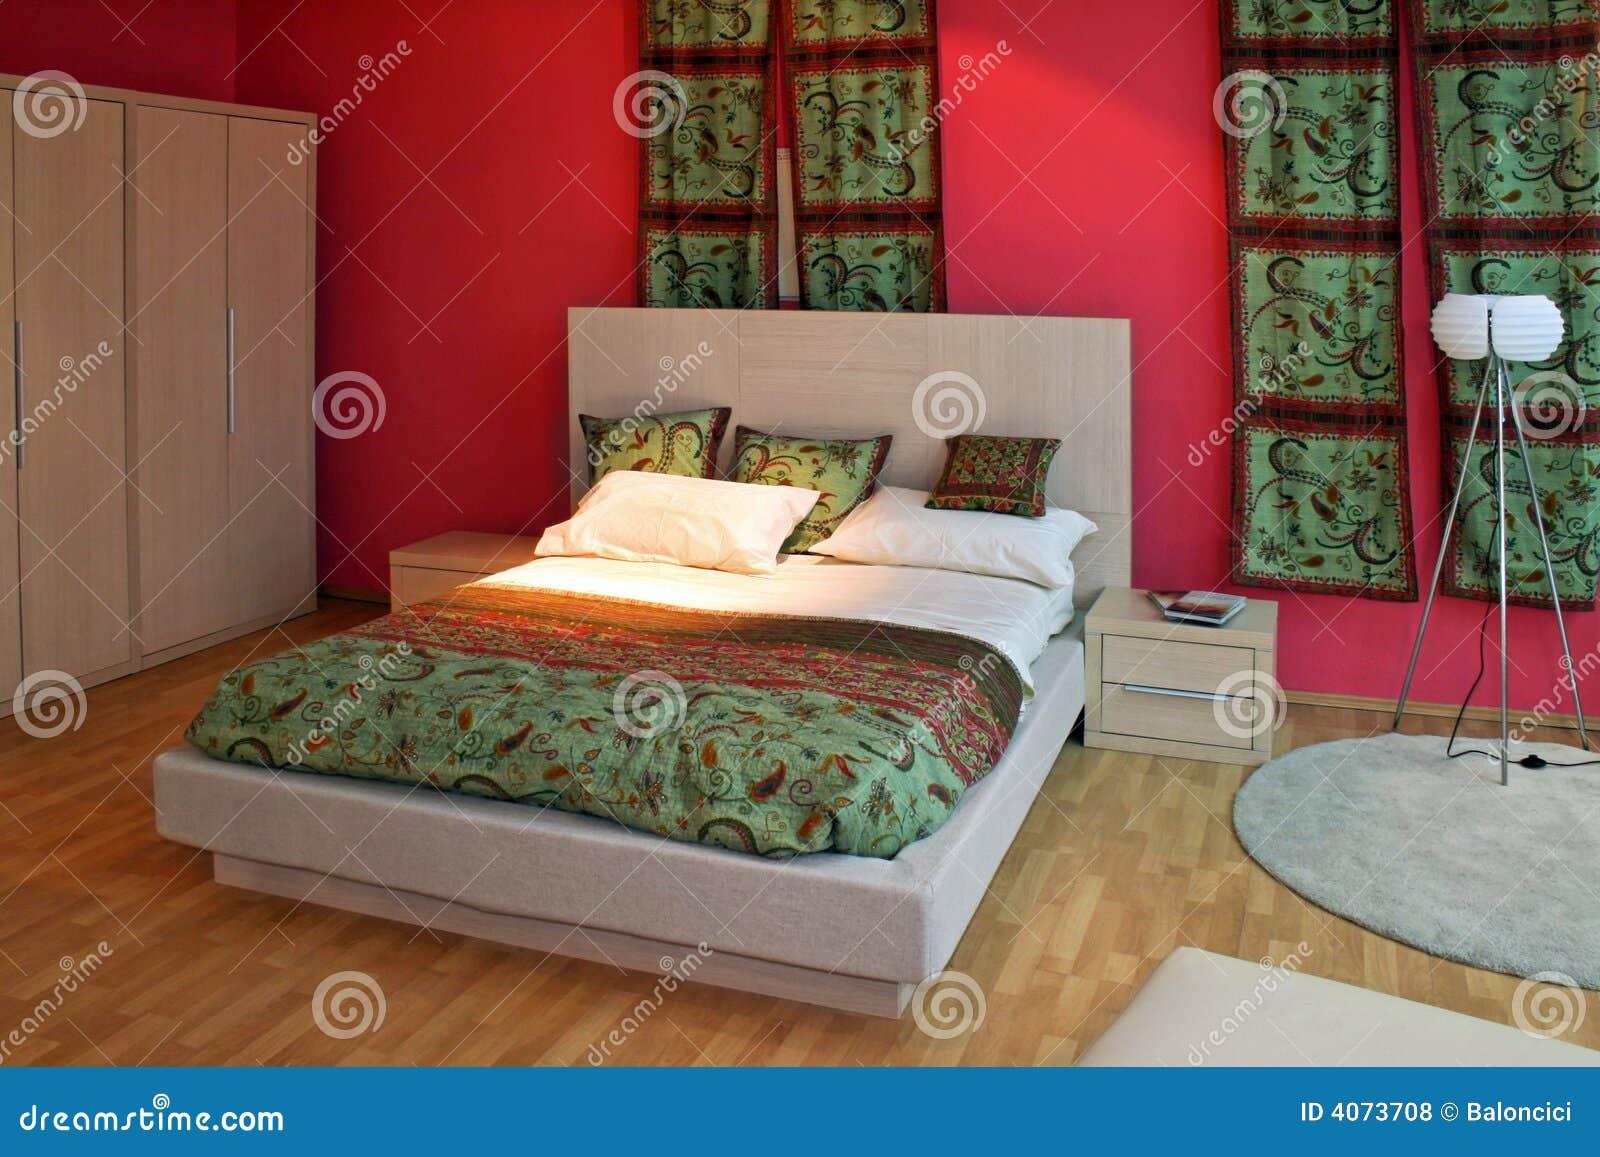 Camera da letto orientale fotografia stock. Immagine di ...